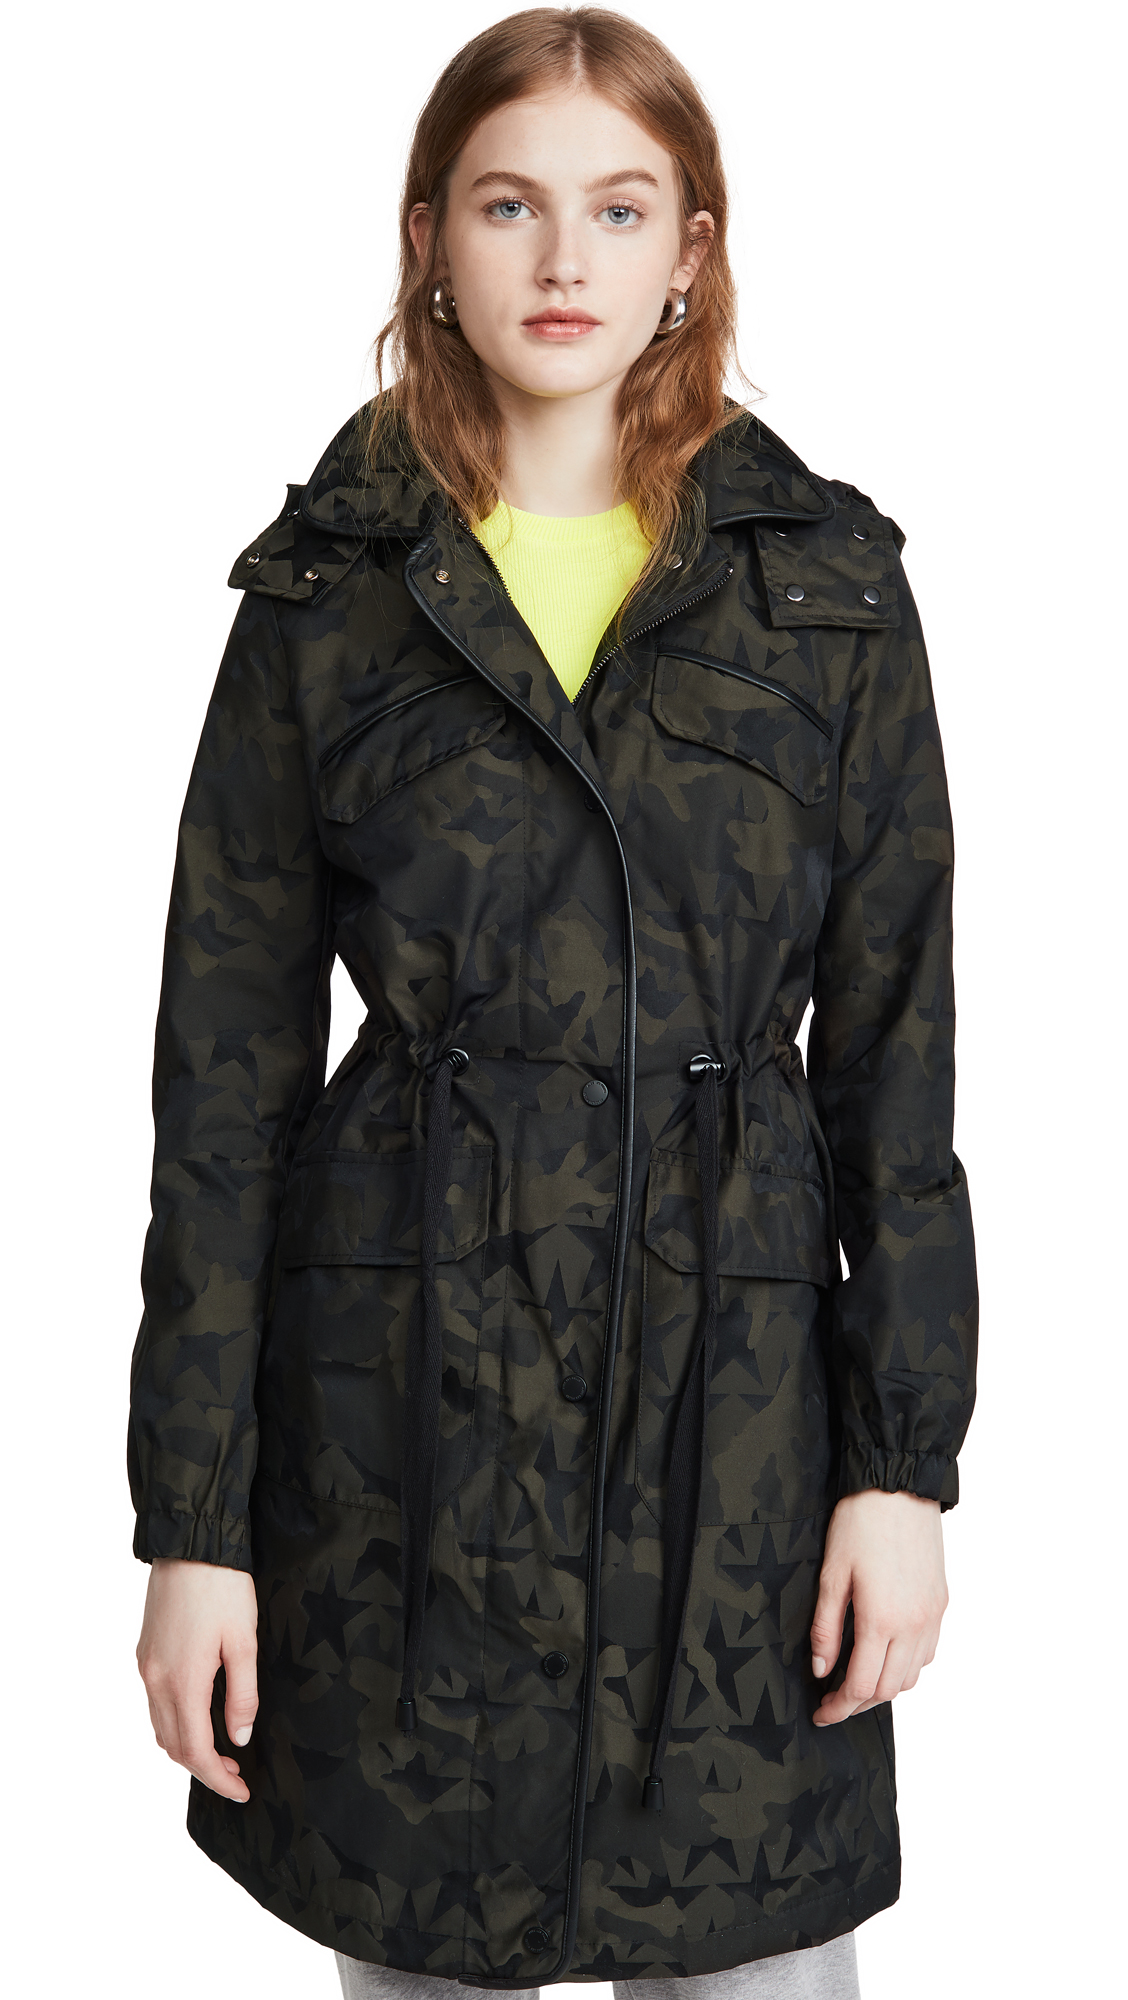 Buy Avec Les Filles Camo Star Anorak Jacket online beautiful Avec Les Filles Jackets, Coats, Trench Coats